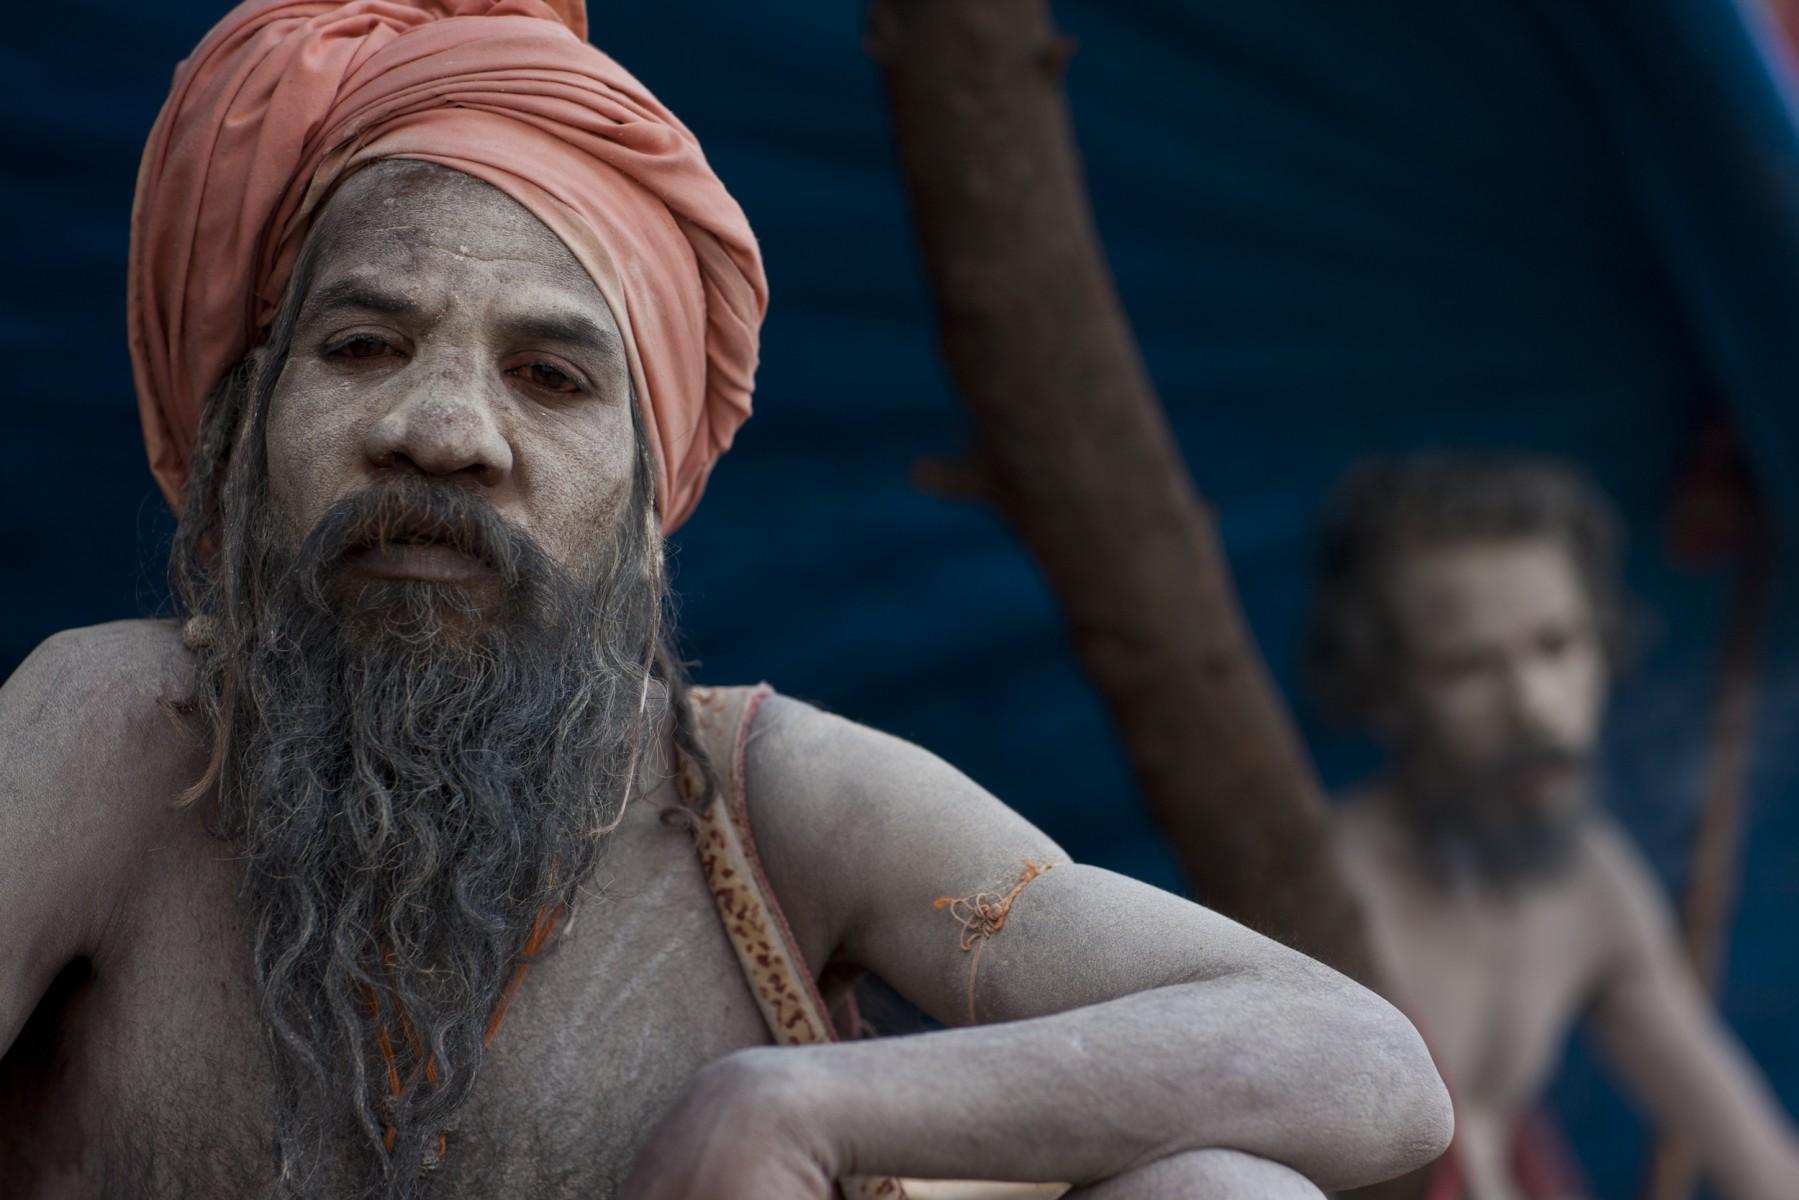 Naga sadhus arrive in Varanasi from the Kumbh Mela